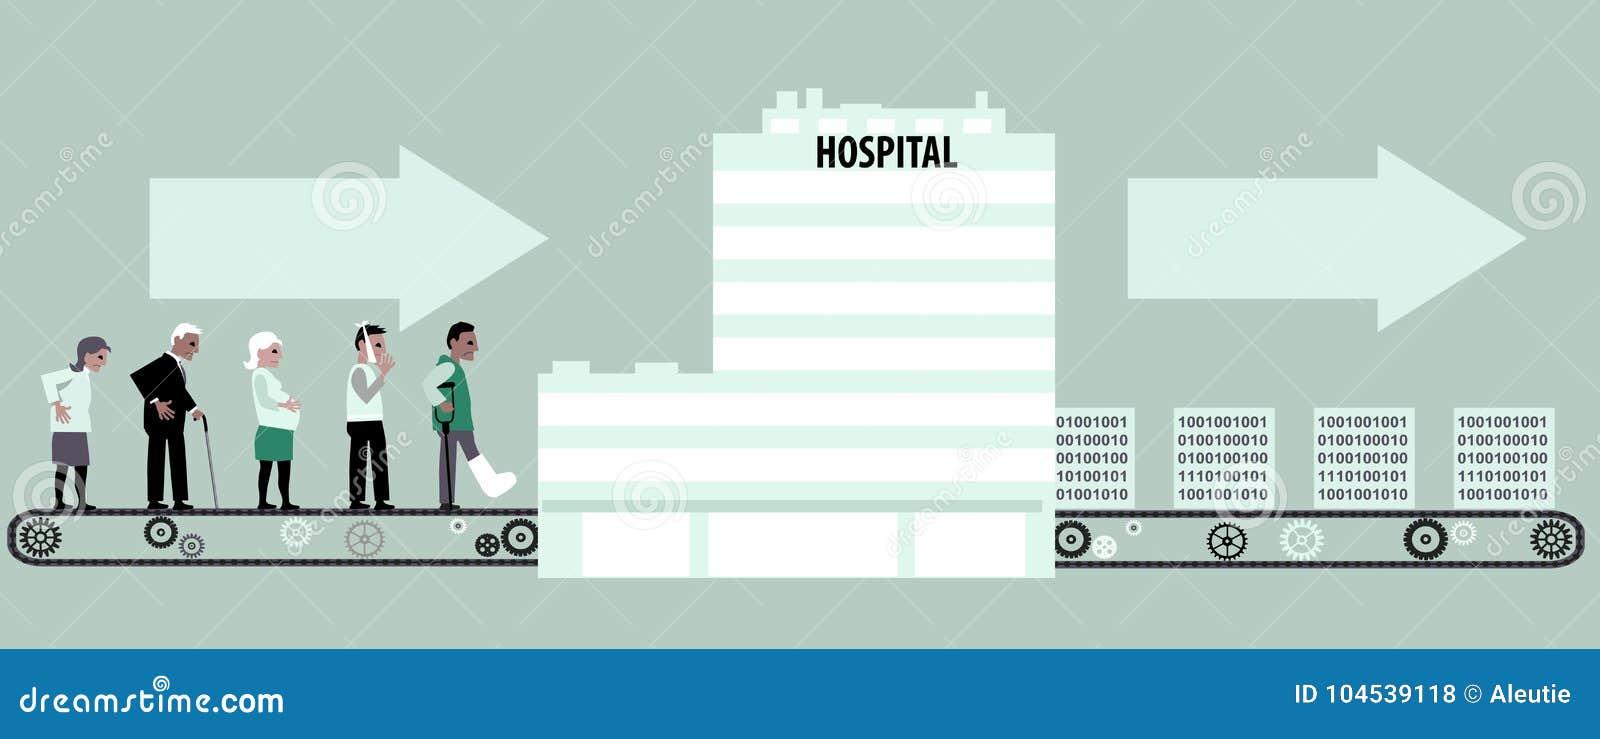 Base de datos médica ilustración del vector. Ilustración de paciente ...